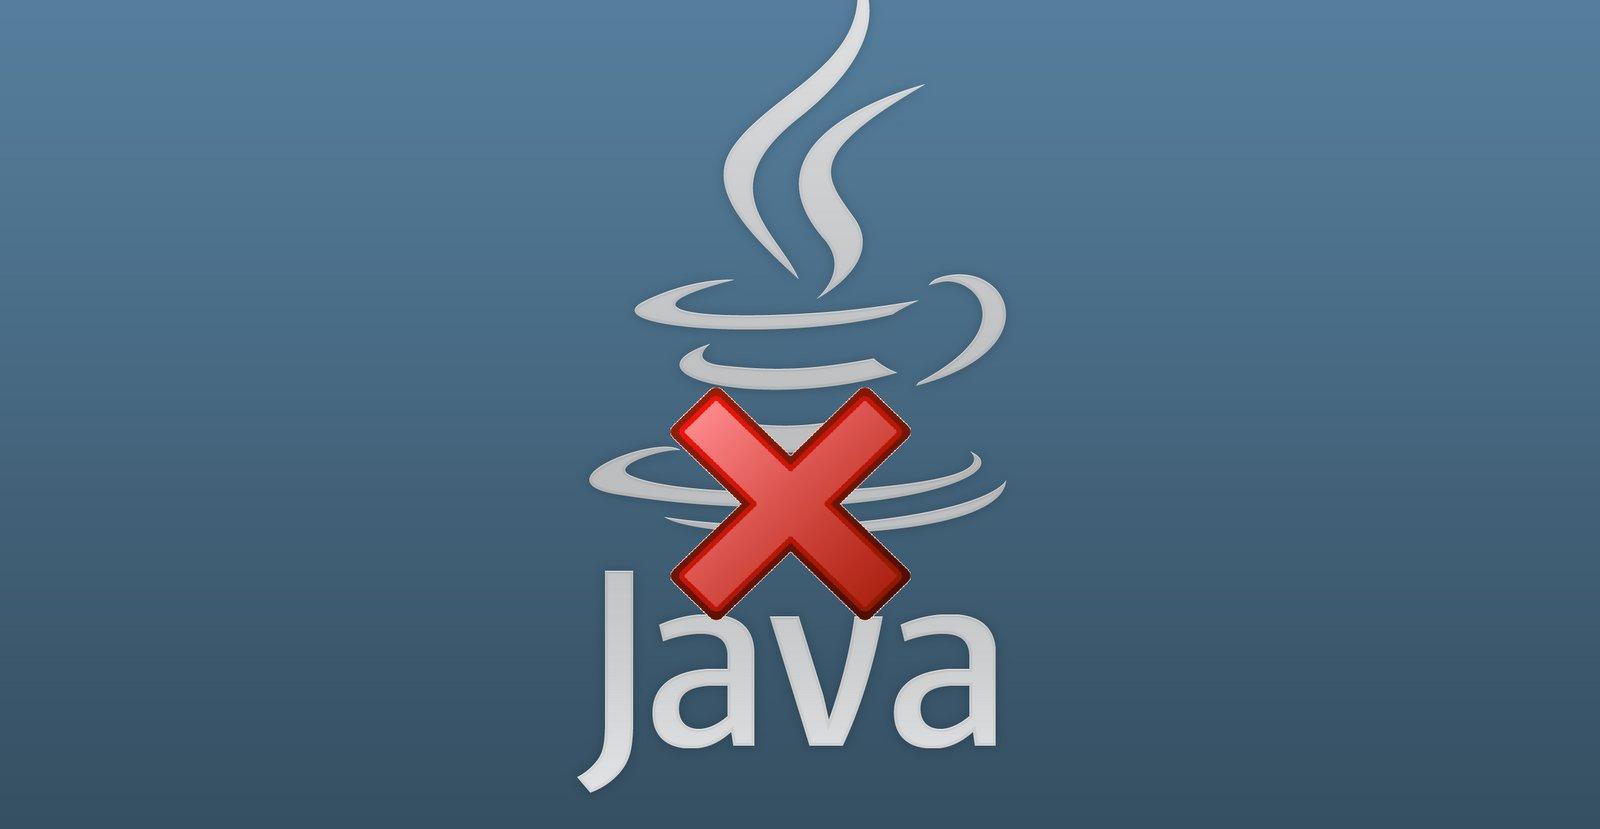 Java fortsetter å gi hodepine for PC og Mac-brukere verden over.